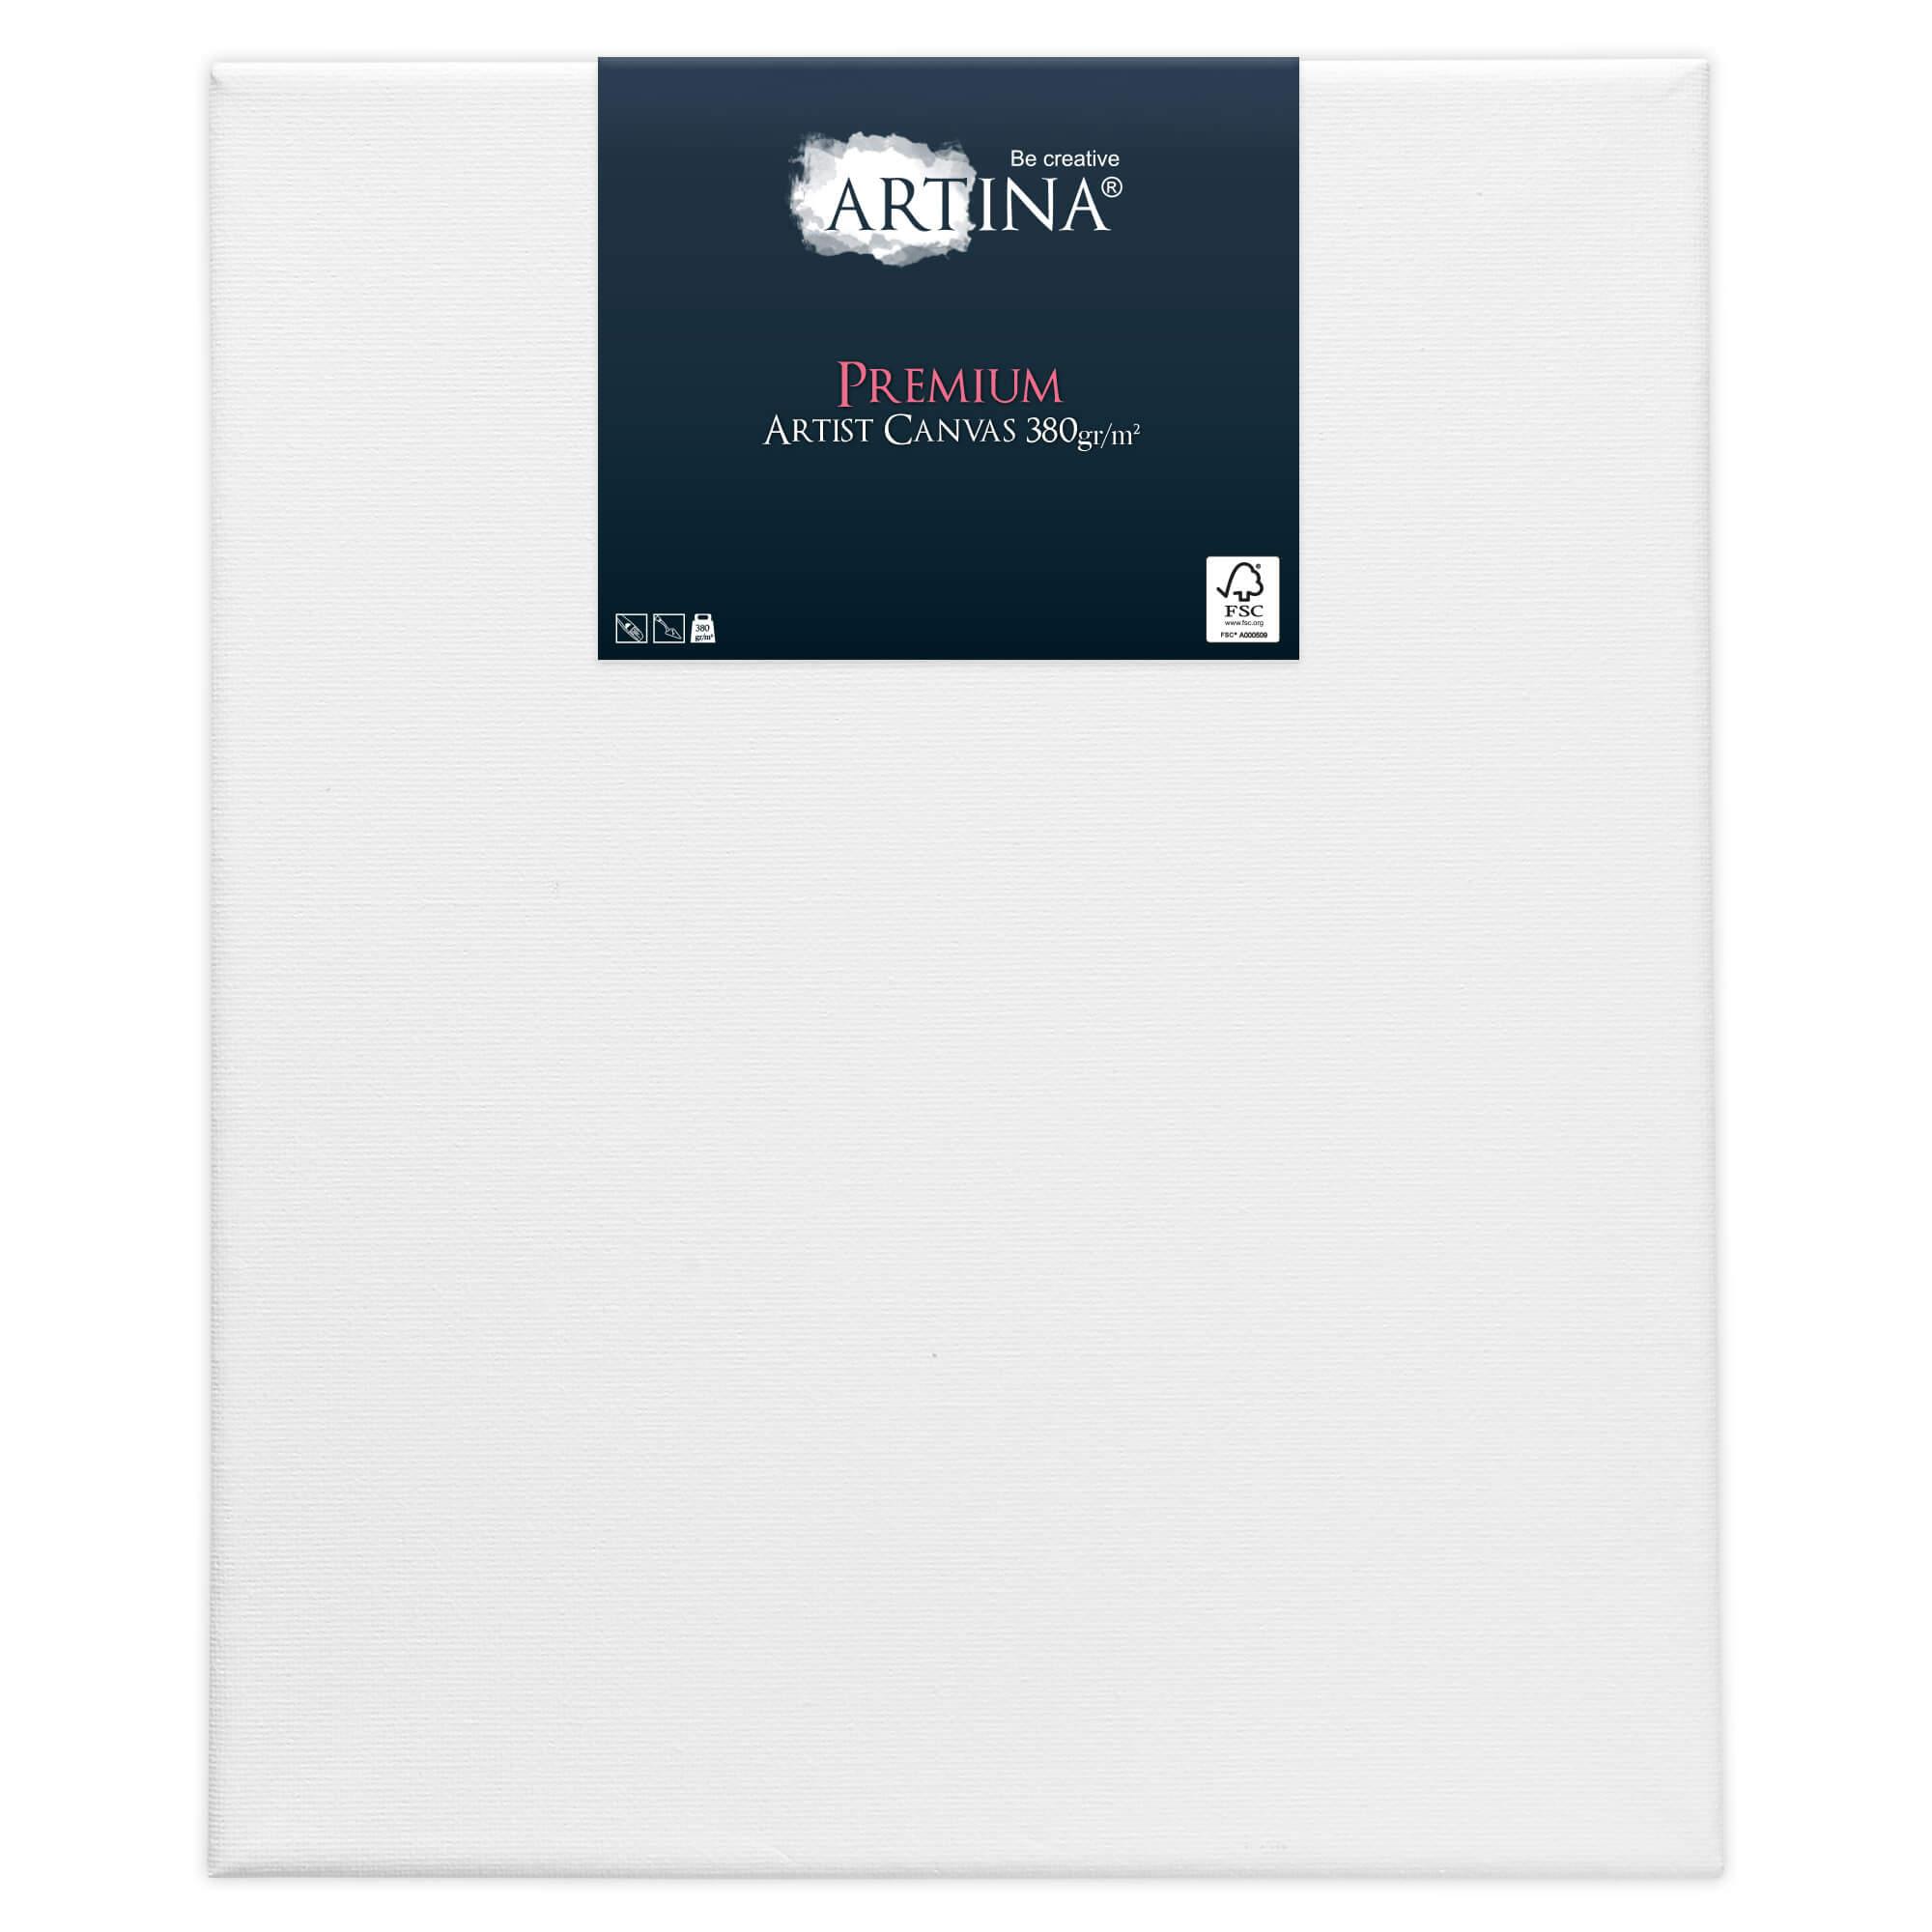 Artina Premium 380g/m² Leinwand auf Keilrahmen - div Größen